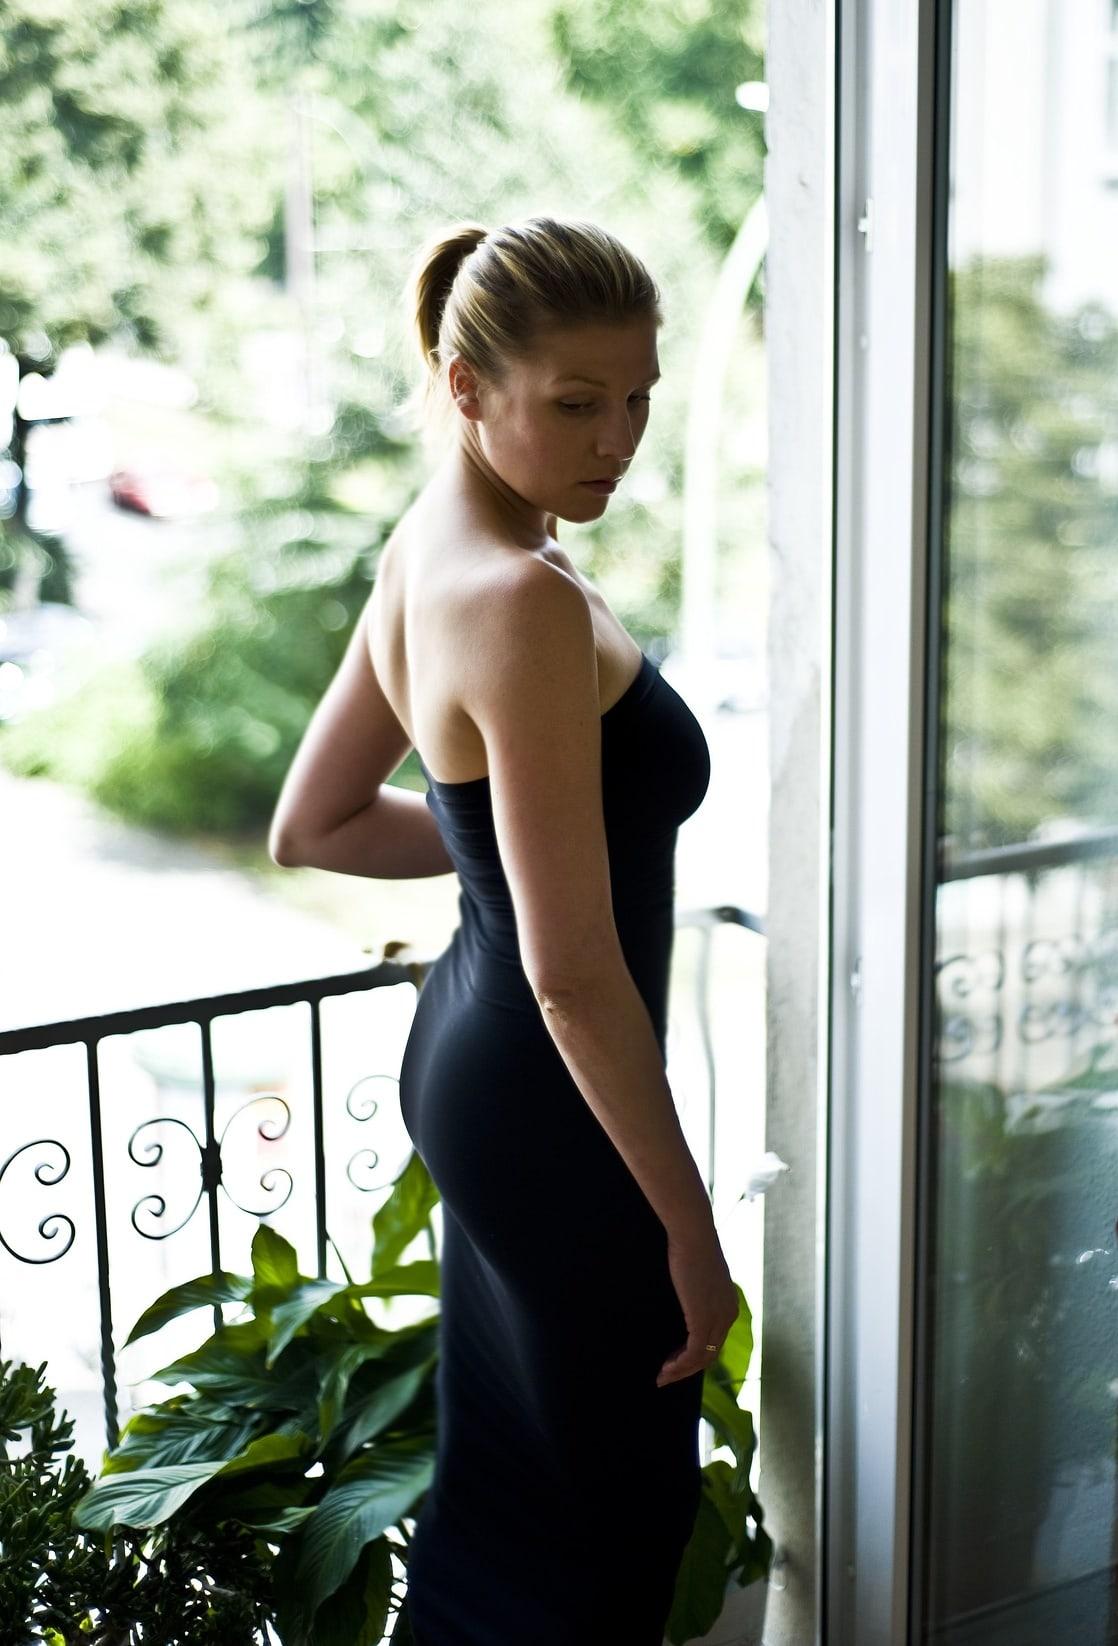 Picture of Franziska Weisz